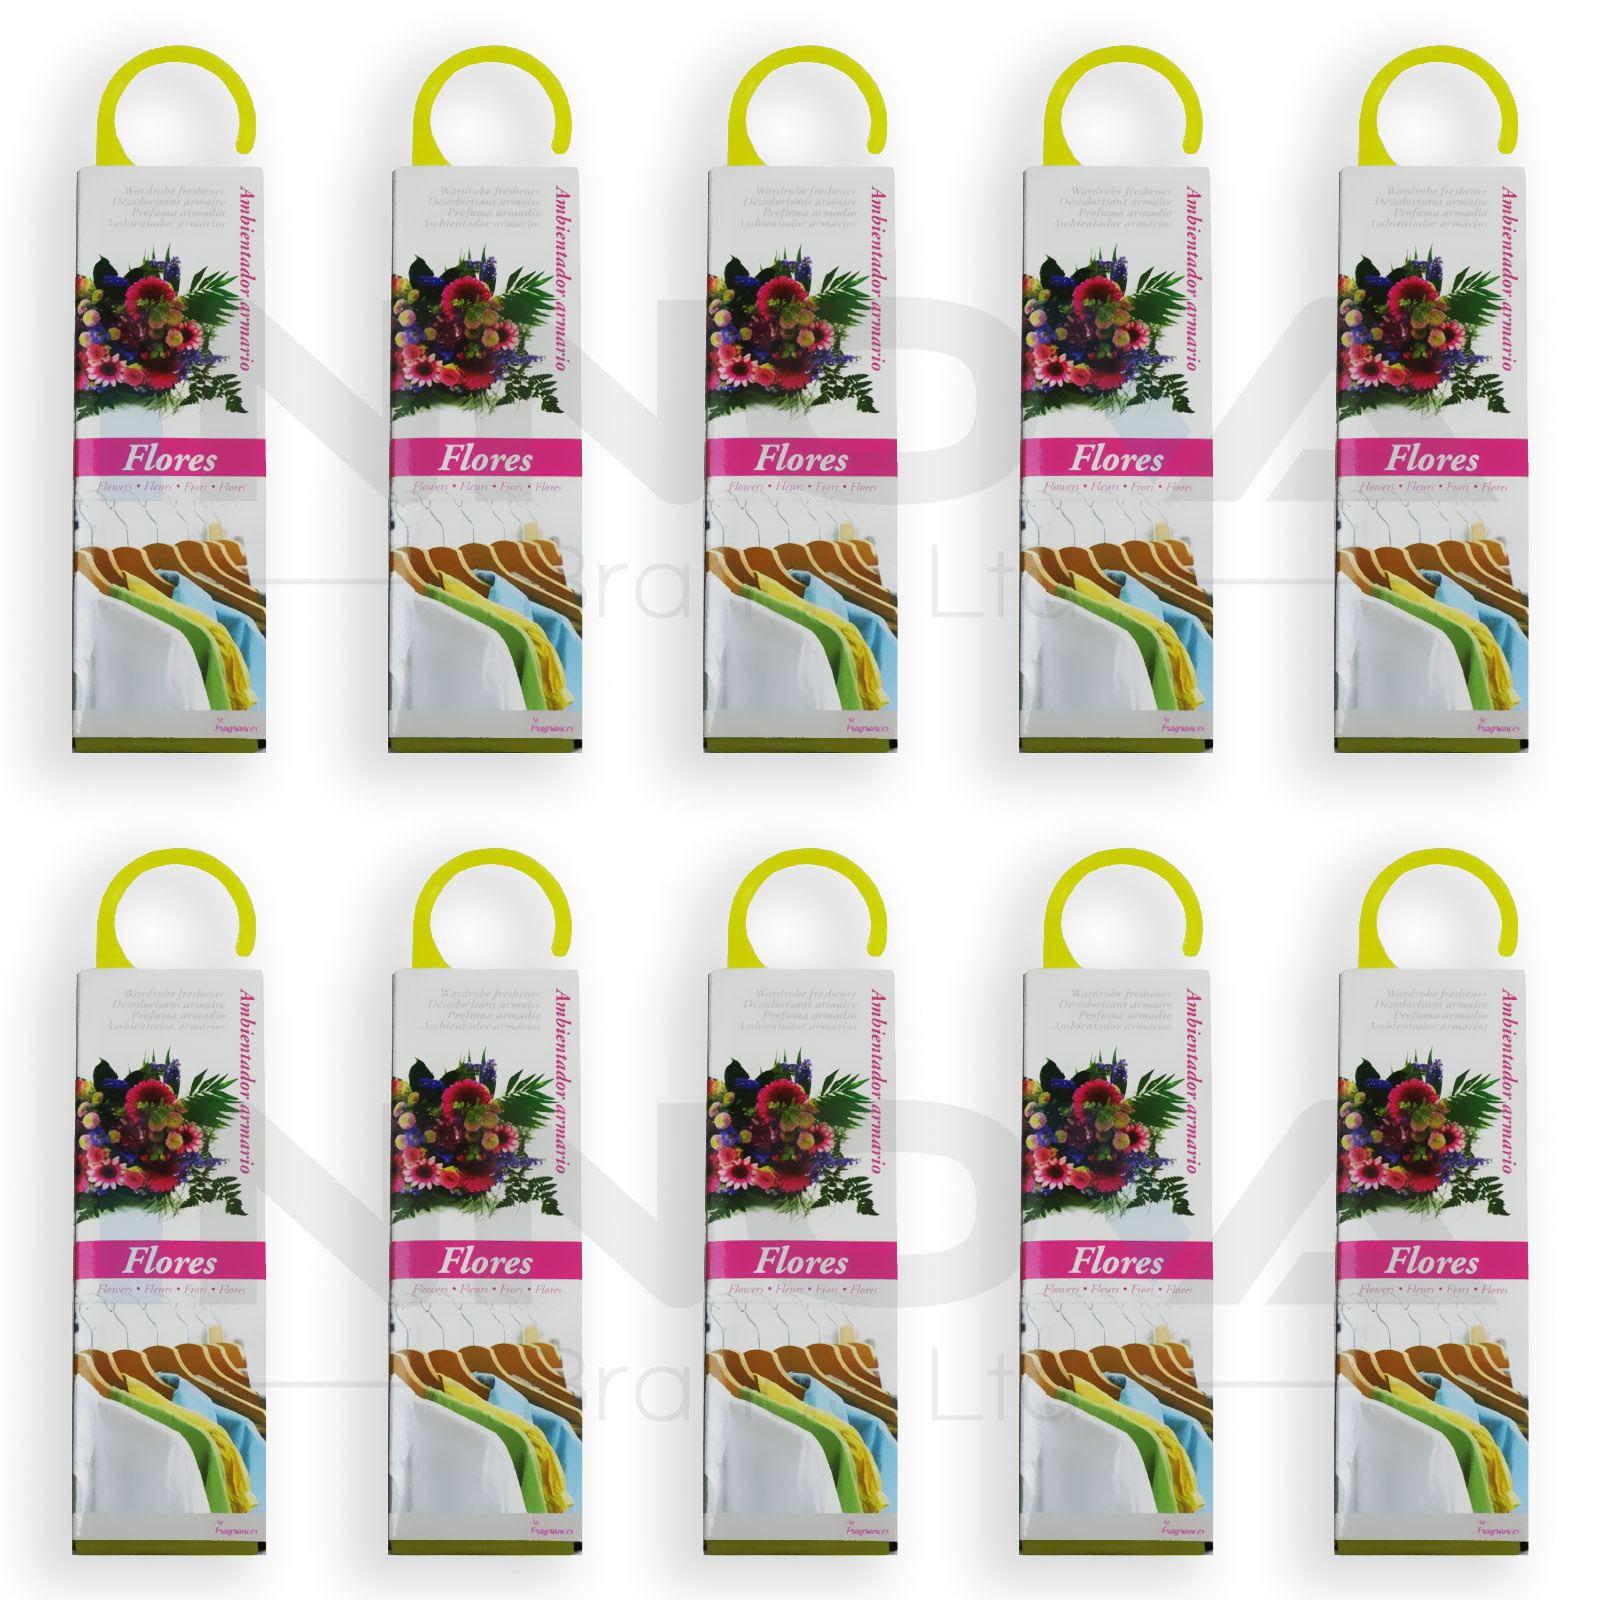 New-Scented-Sachets-Drawer-Fragrance-Bags-Wardrobe-Freshener-Rose-Jasmine-Flower thumbnail 3